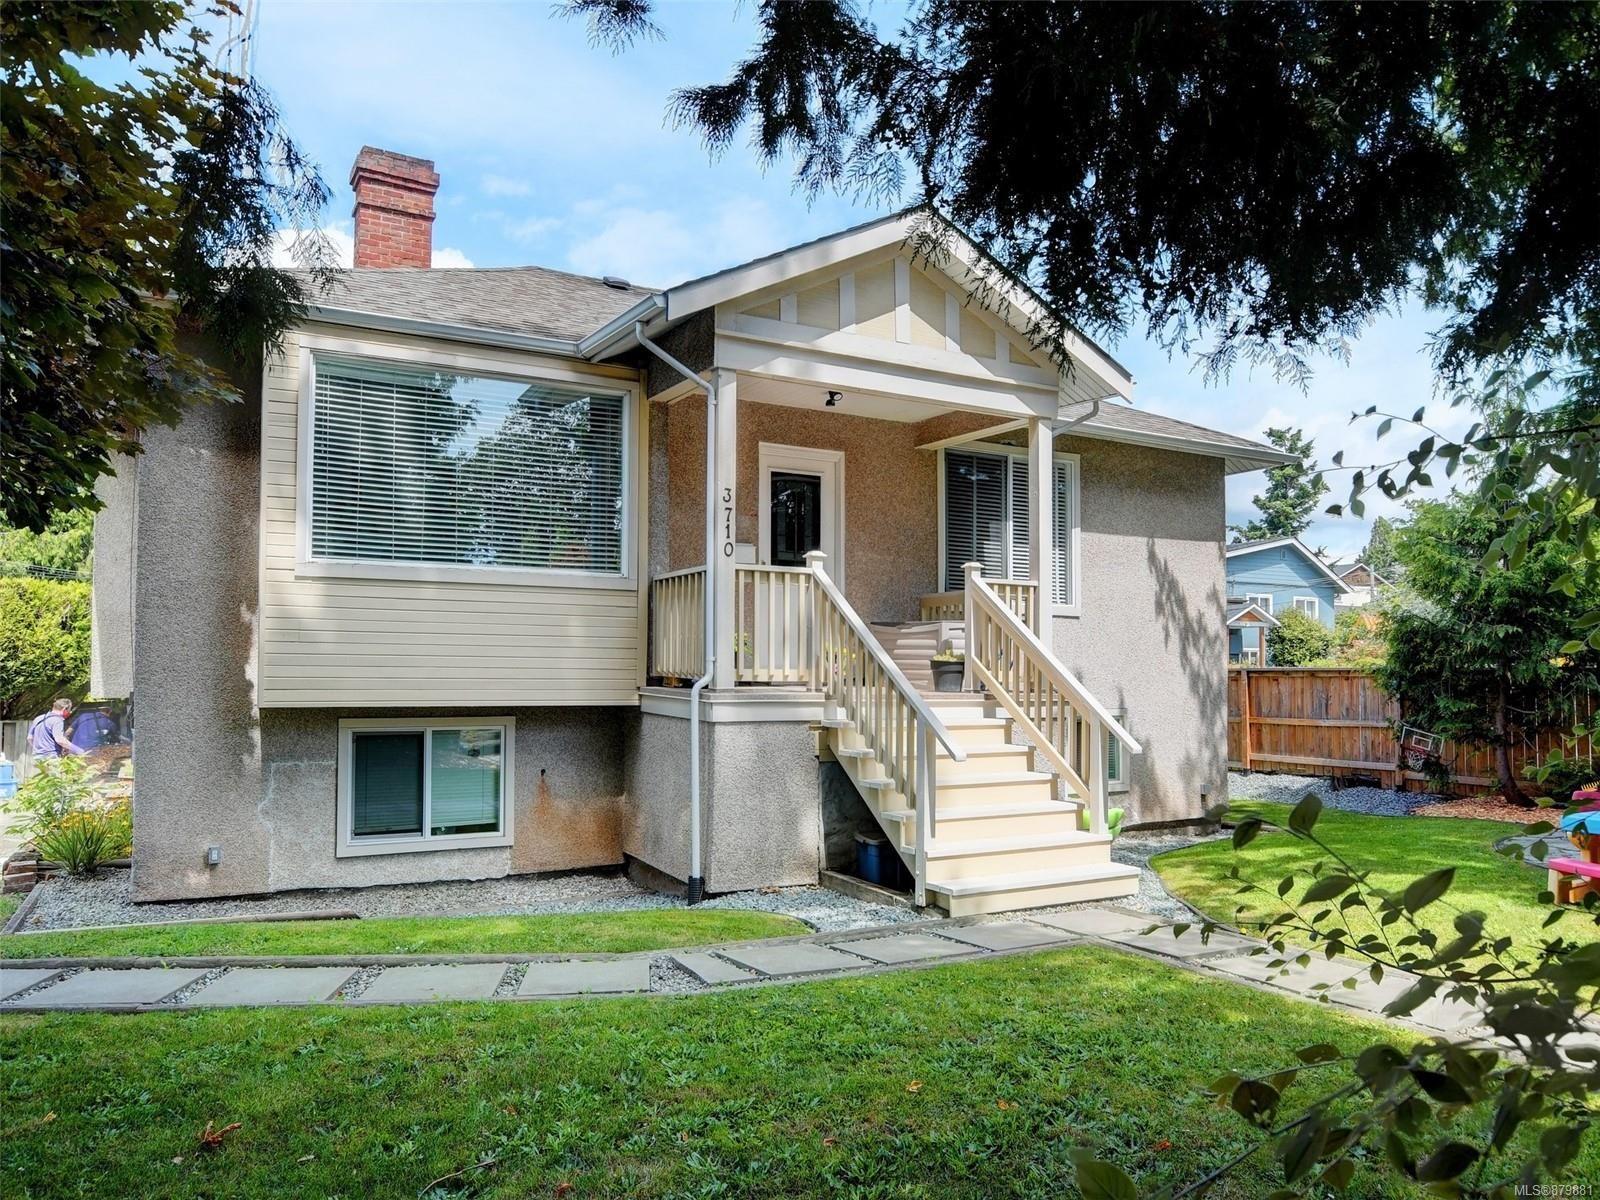 Main Photo: 3710 Saanich Rd in : SE Swan Lake Triplex for sale (Saanich East)  : MLS®# 879881